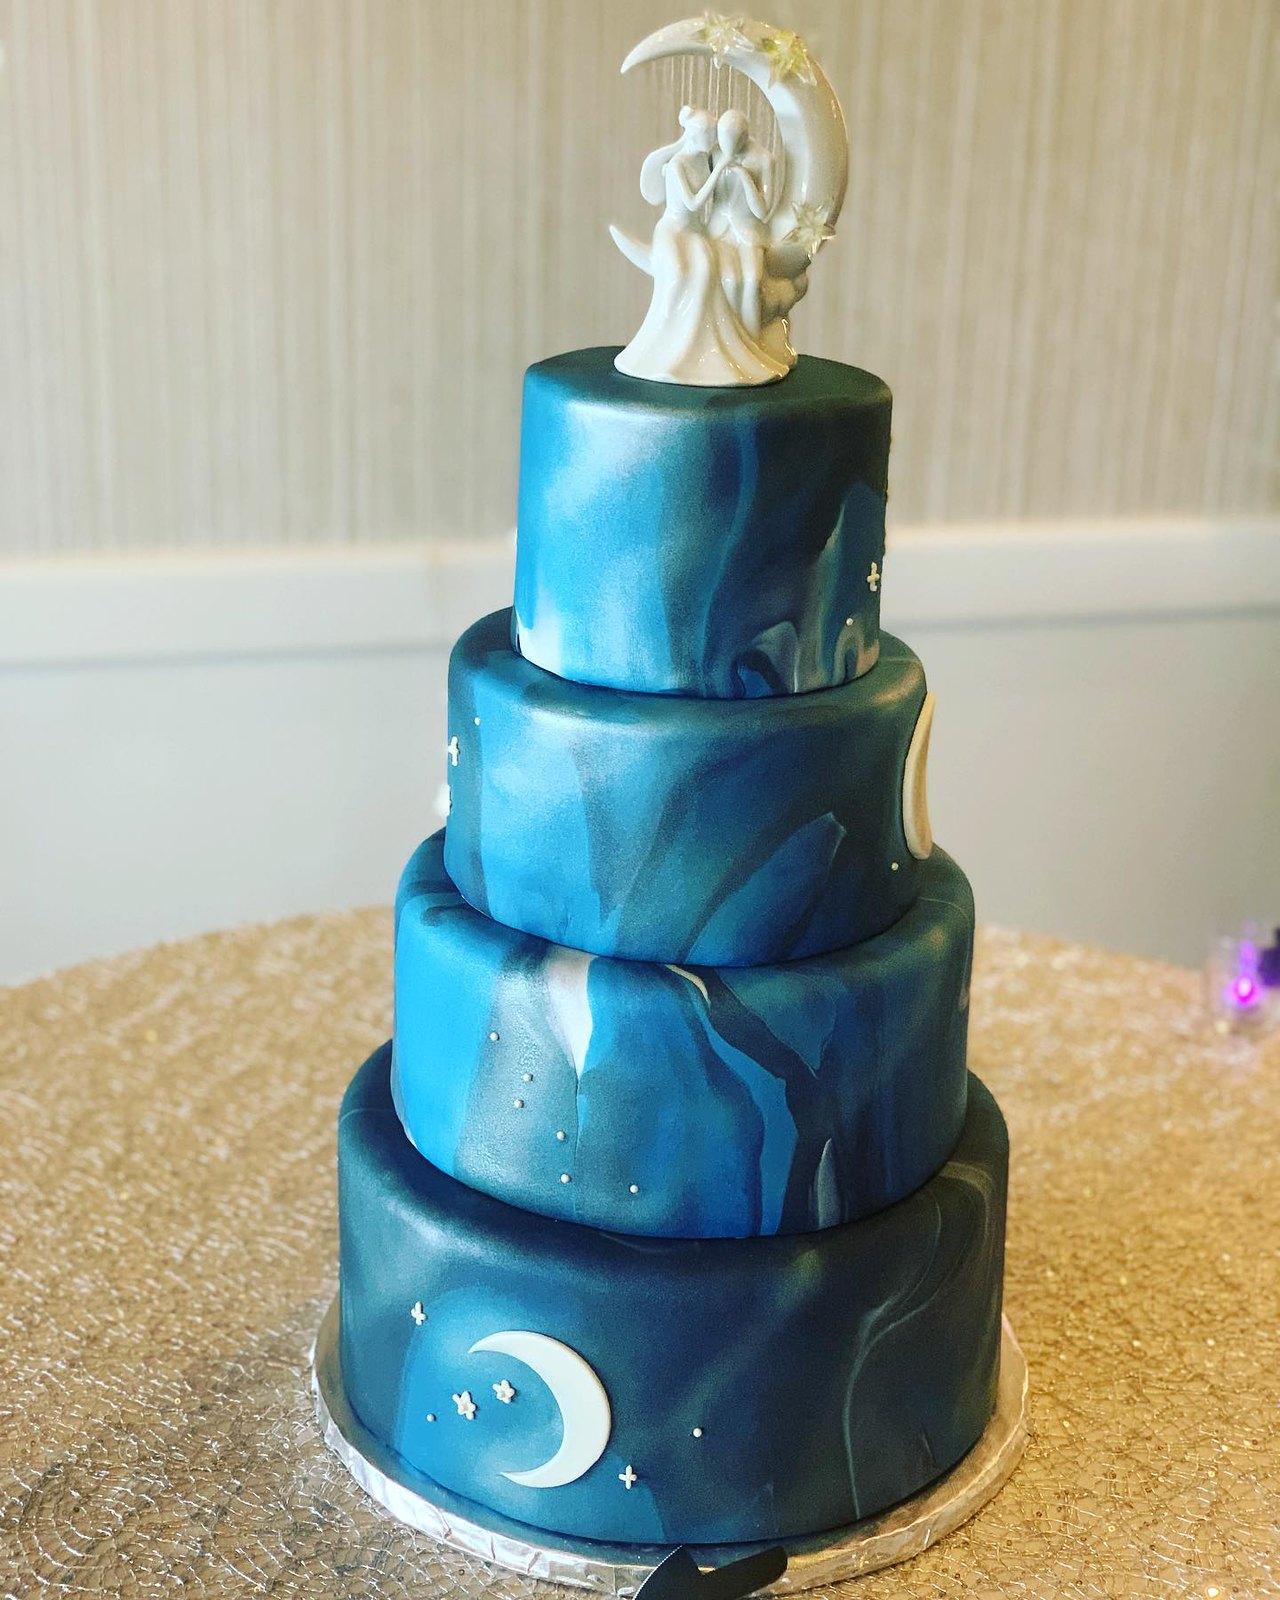 Cake by Sugar Bake Shoppe